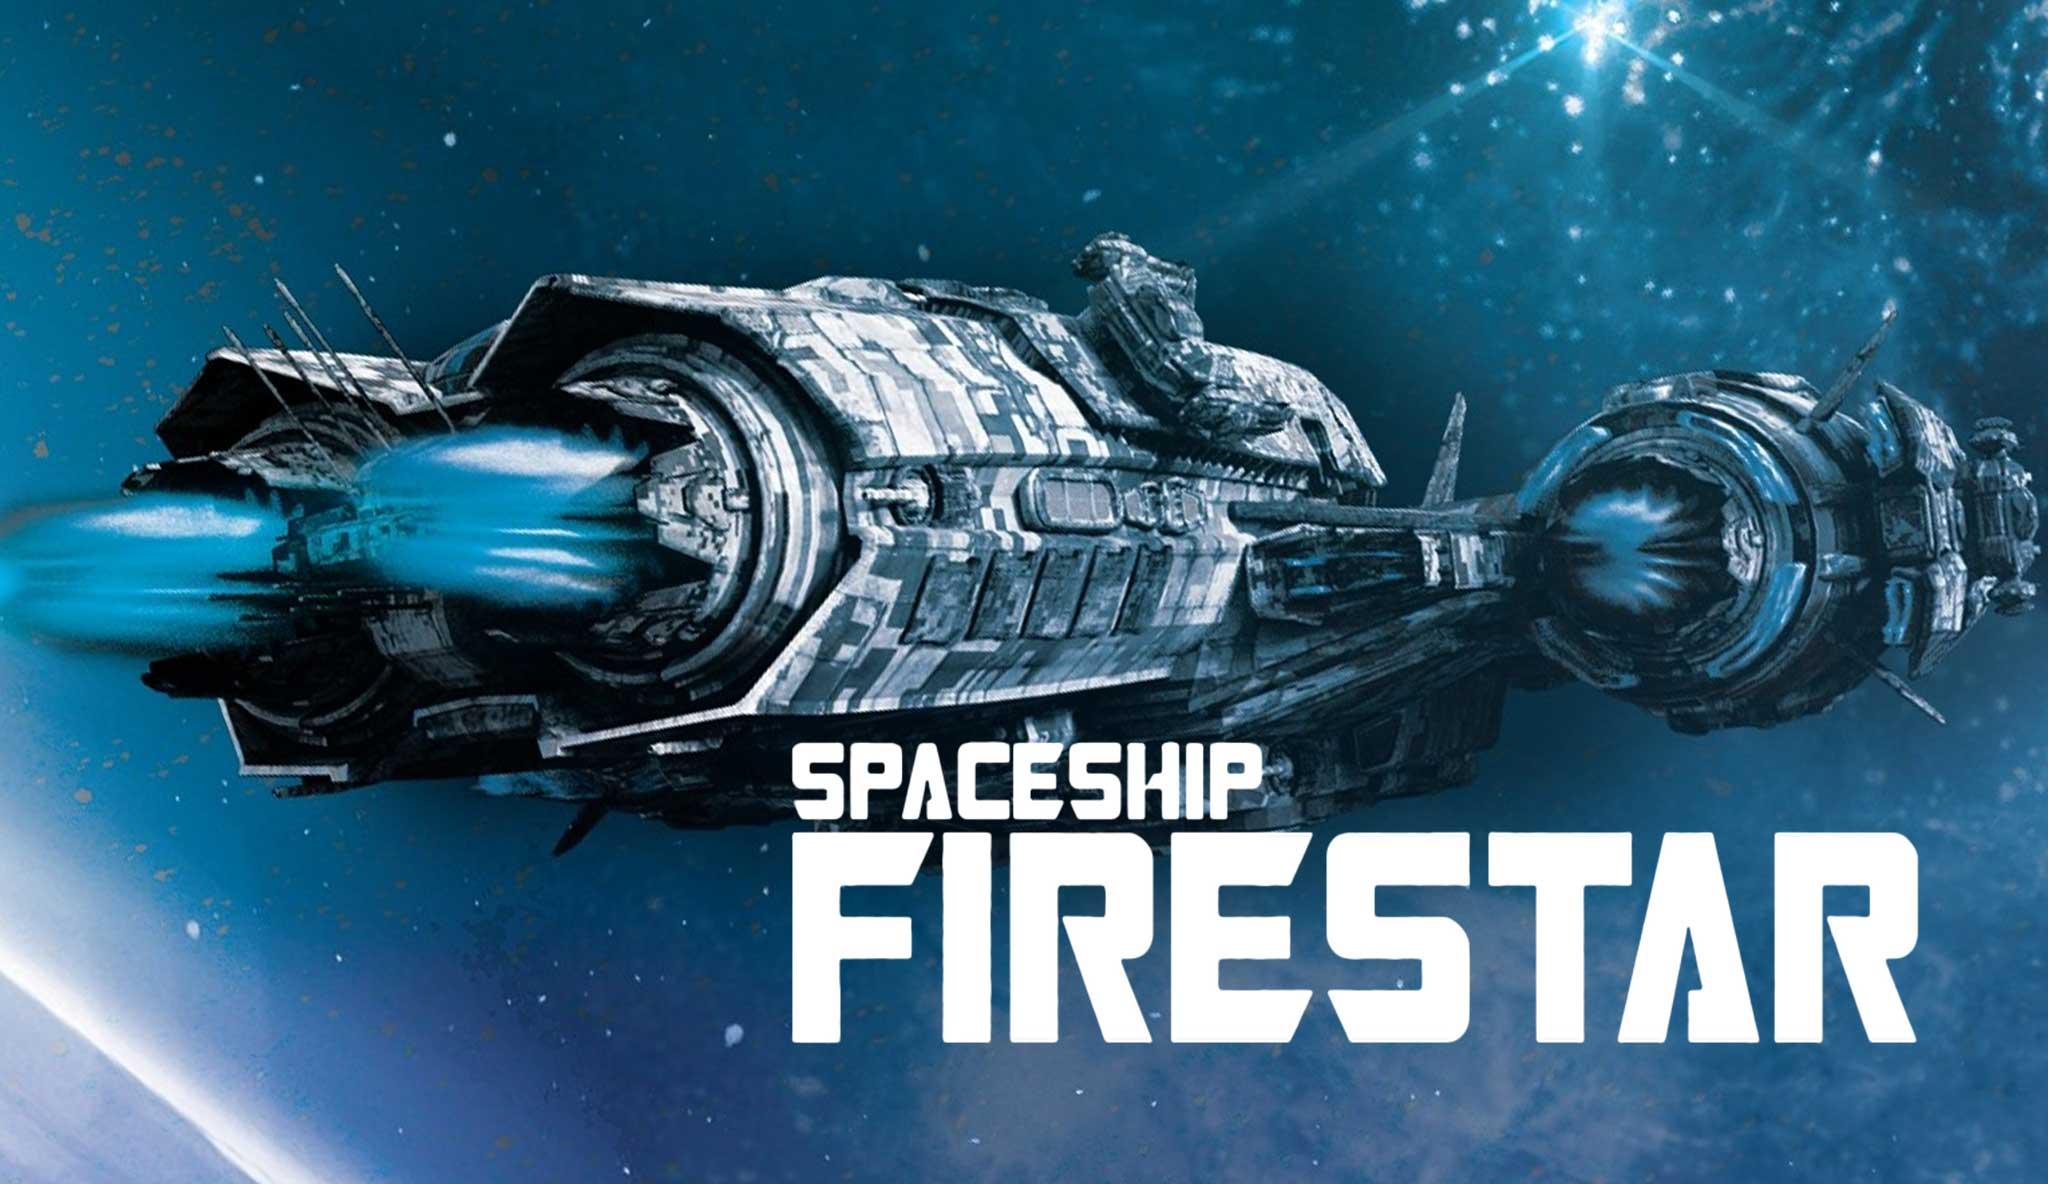 spaceship-firestar\header.jpg